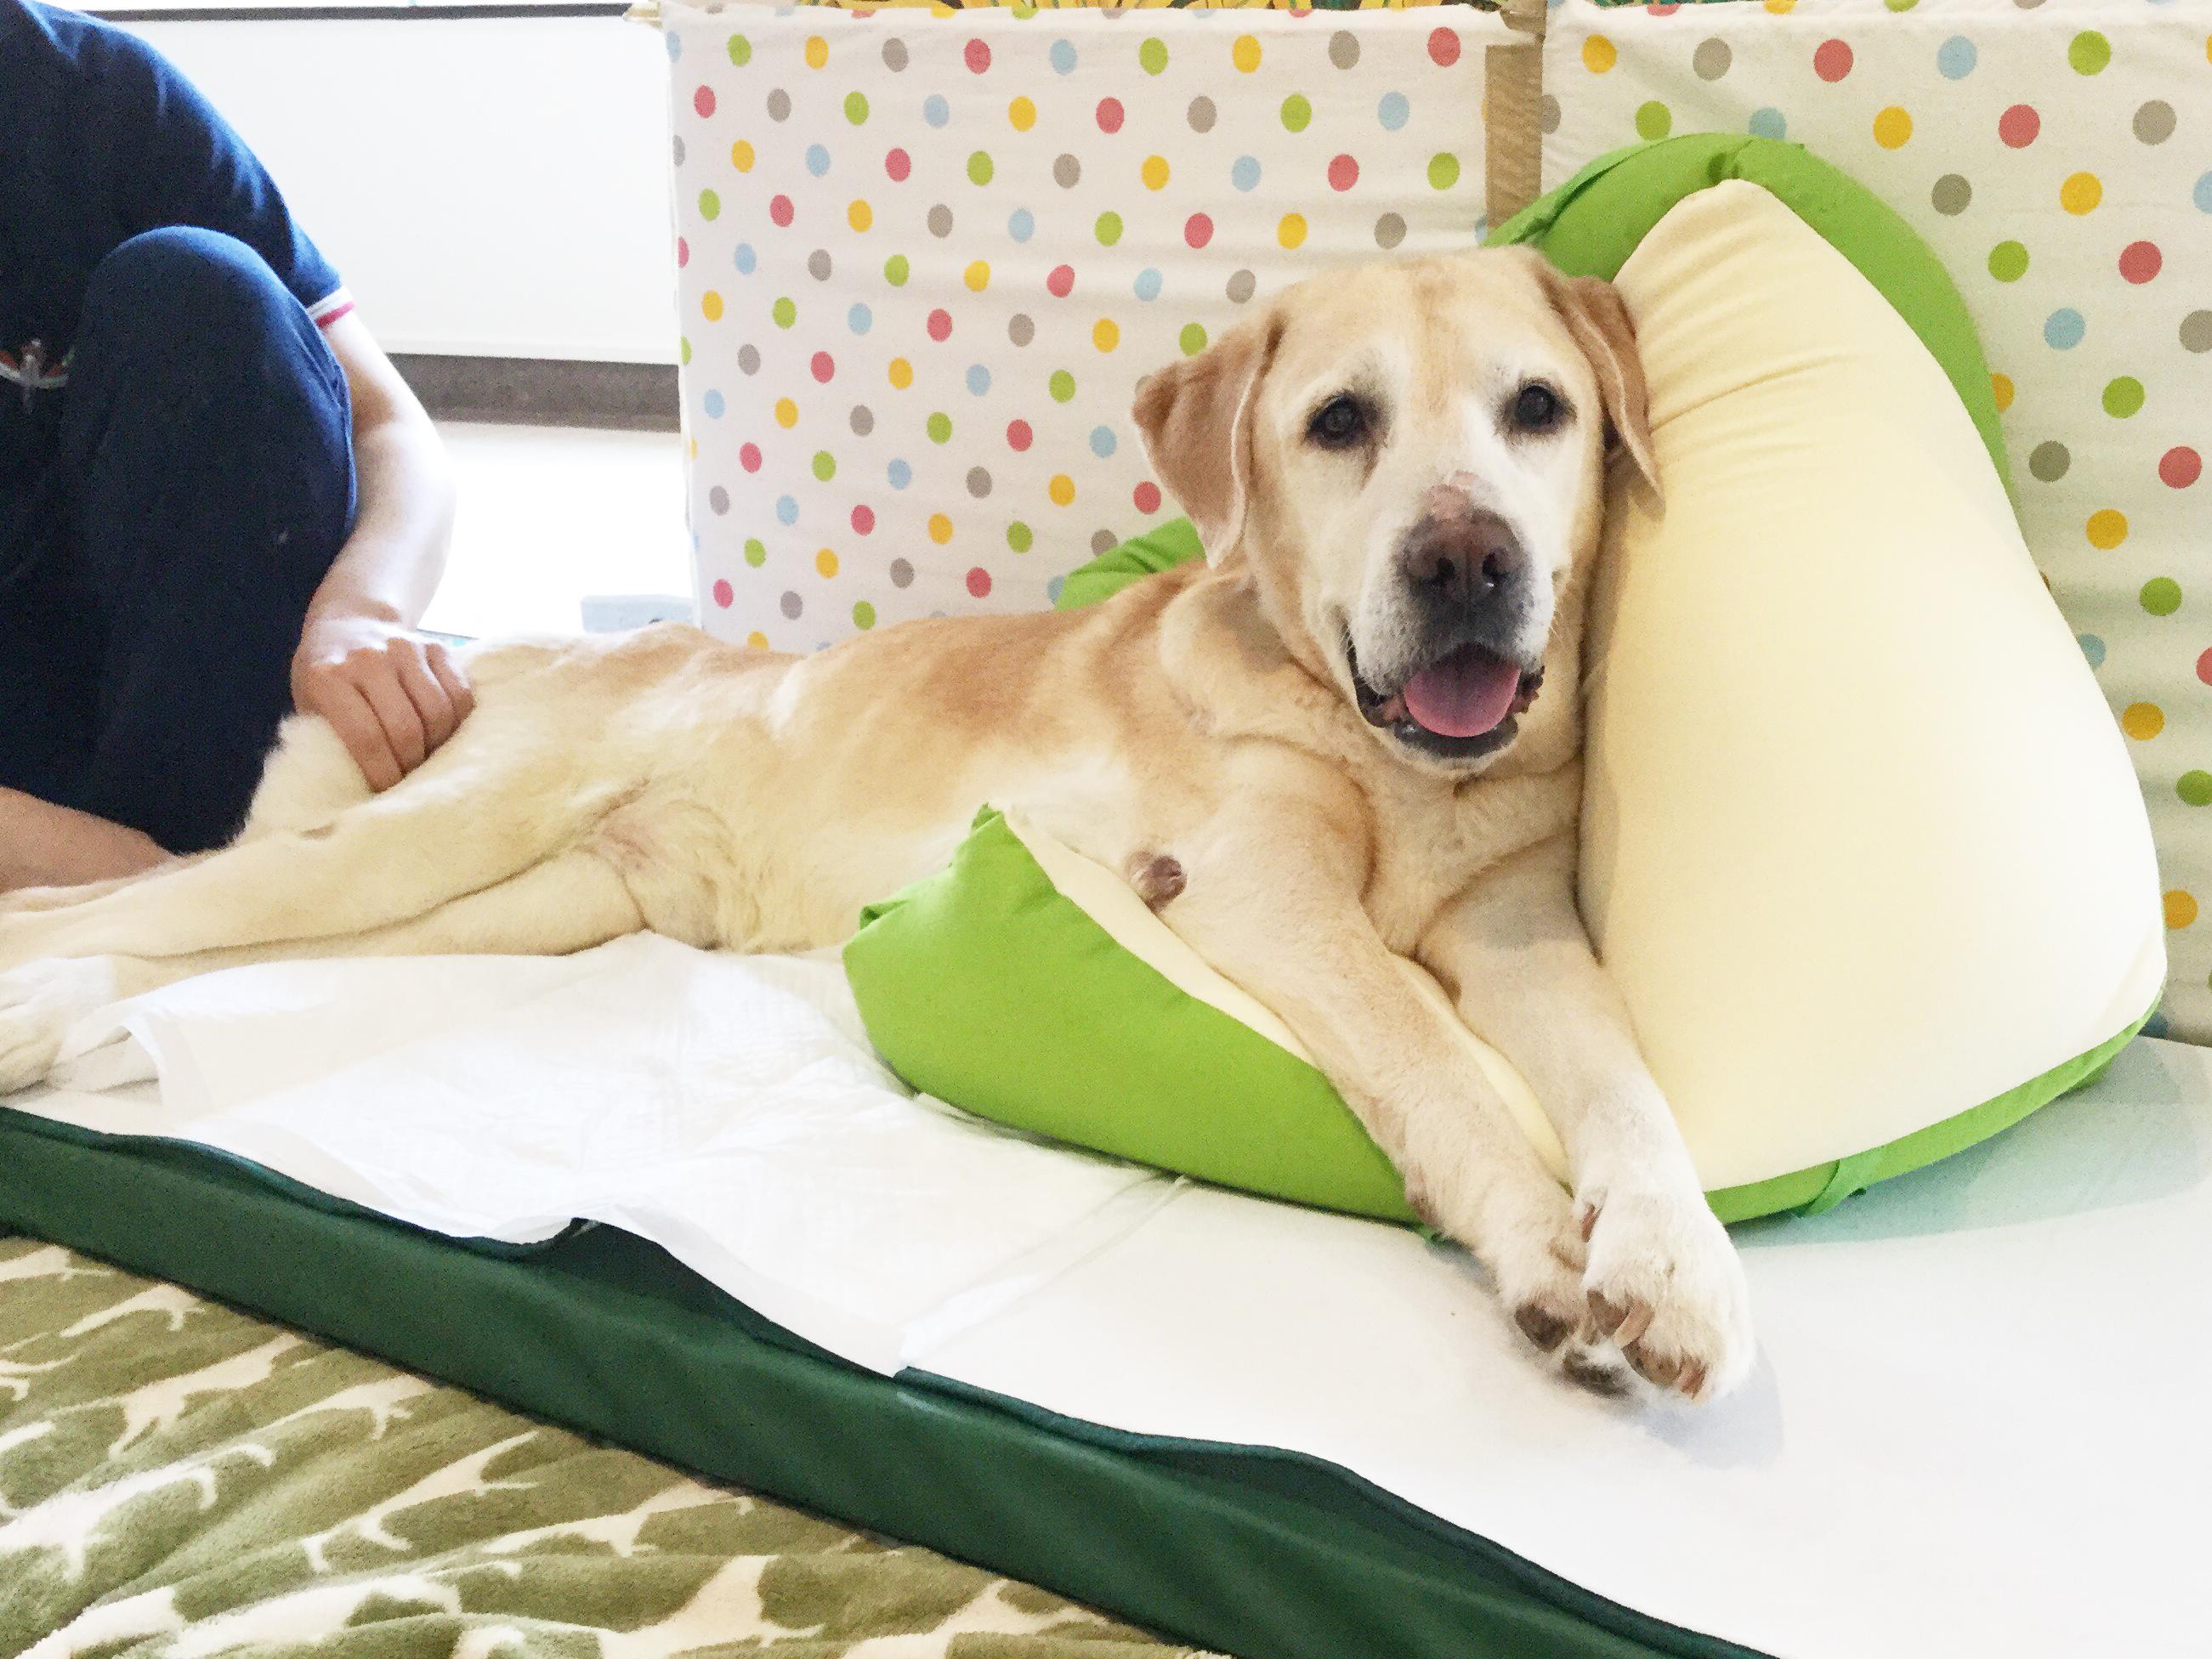 4月20日(土) WANCOTT2周年特別セミナー 愛犬の「老い」と「介護」を考える【横浜ドッグウィーク】